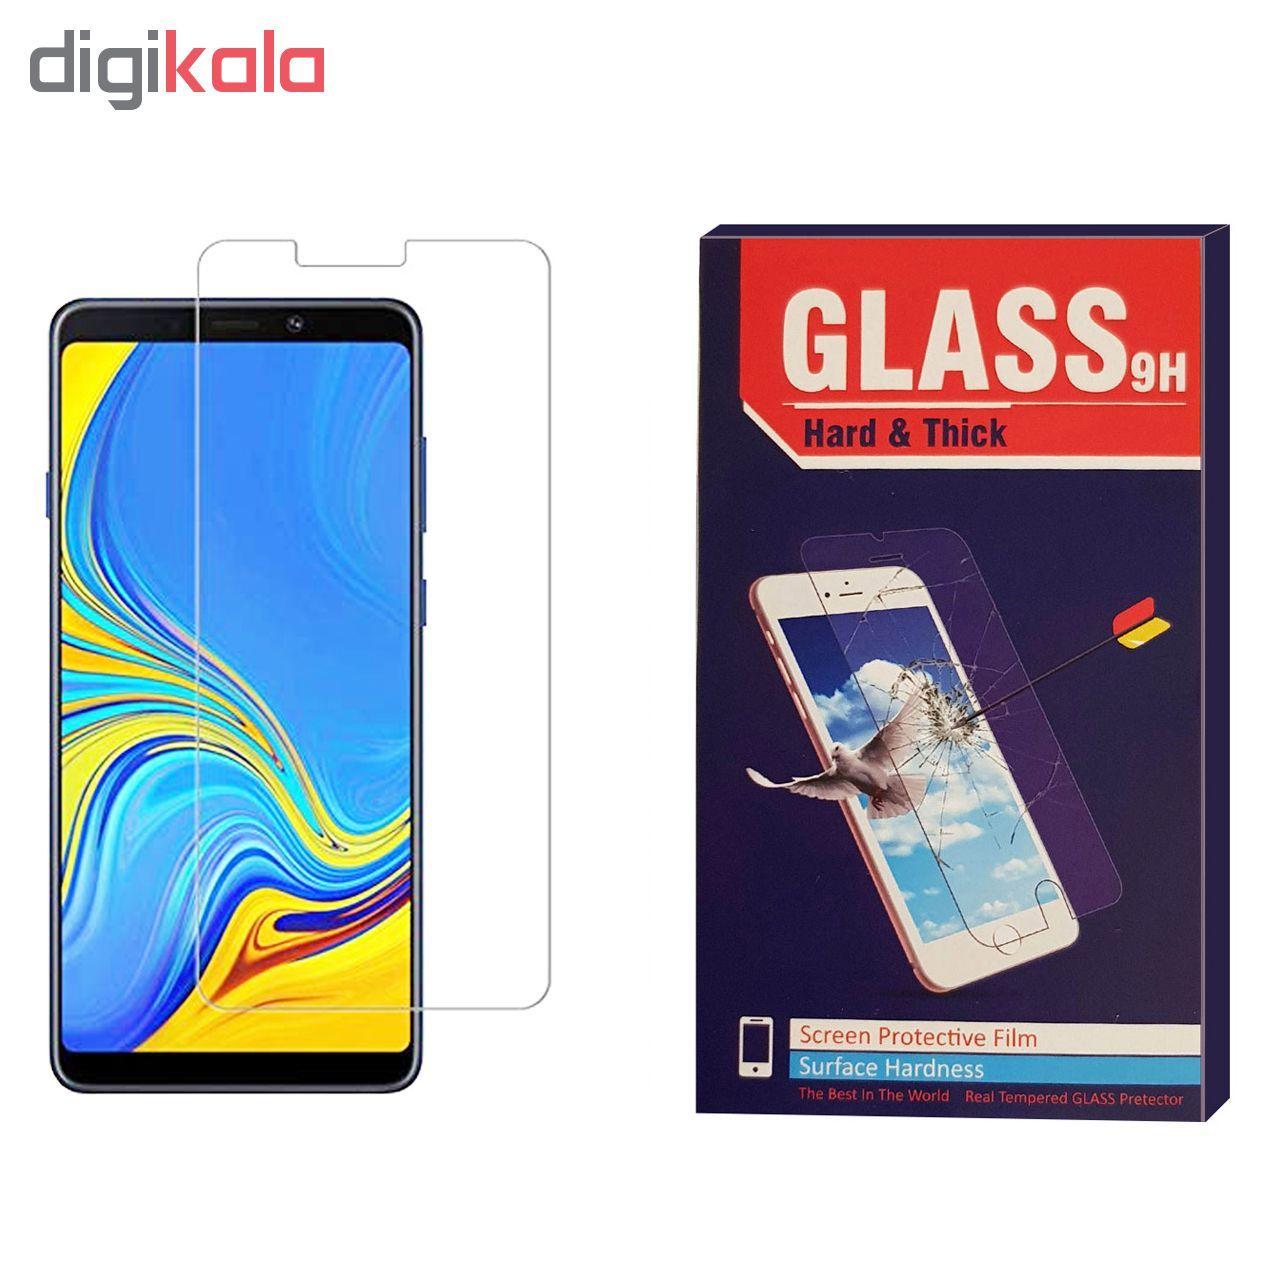 محافظ صفحه نمایش Hard and thick مدل F-001 مناسب برای گوشی موبایل سامسونگ Galaxy A9 2018 main 1 1